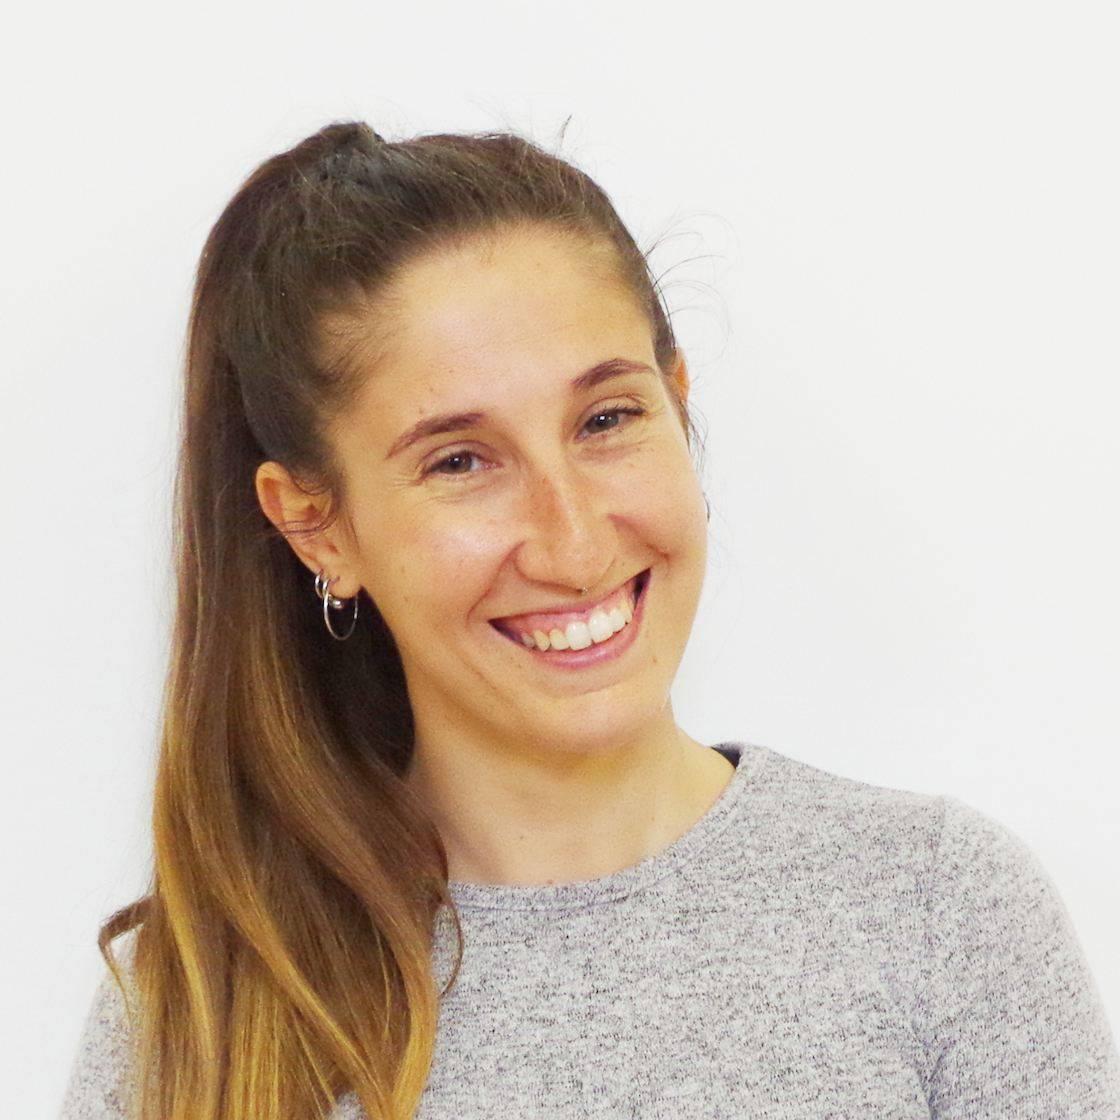 Beatrice Libertino